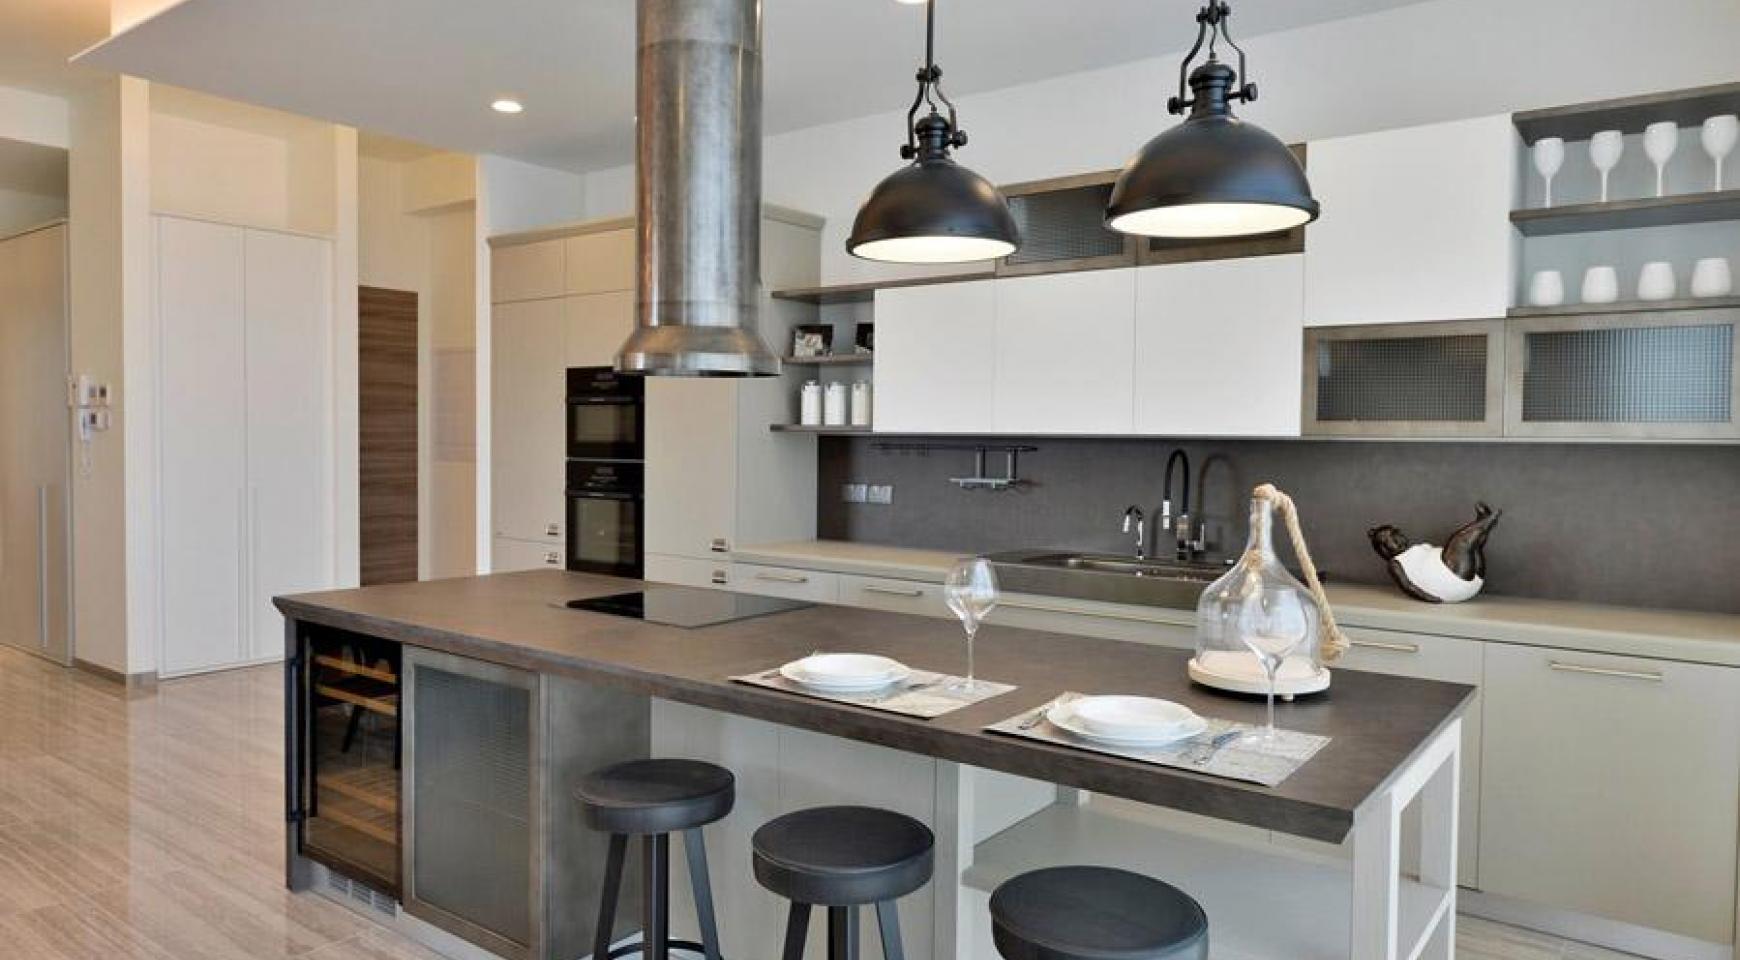 Πολυτελές διαμέρισμα 2 υπνοδωματίων με ταράτσα στο νεόδμητο συγκρότημα - 4